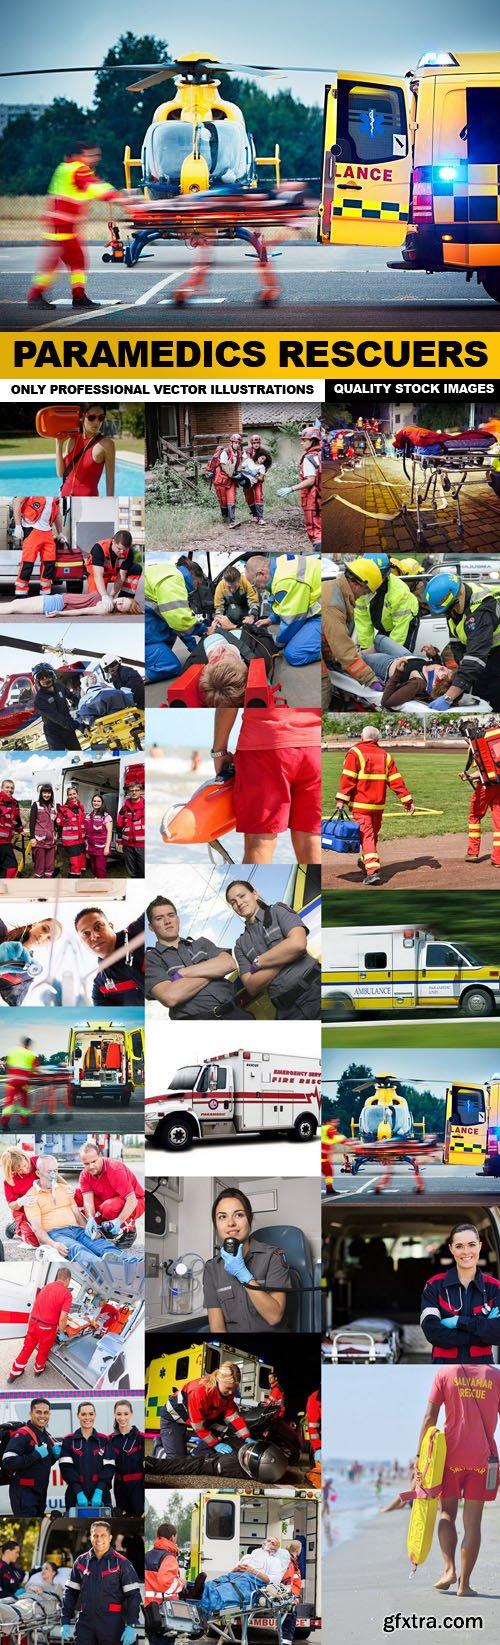 Paramedics Rescuers - 25 HQ Images